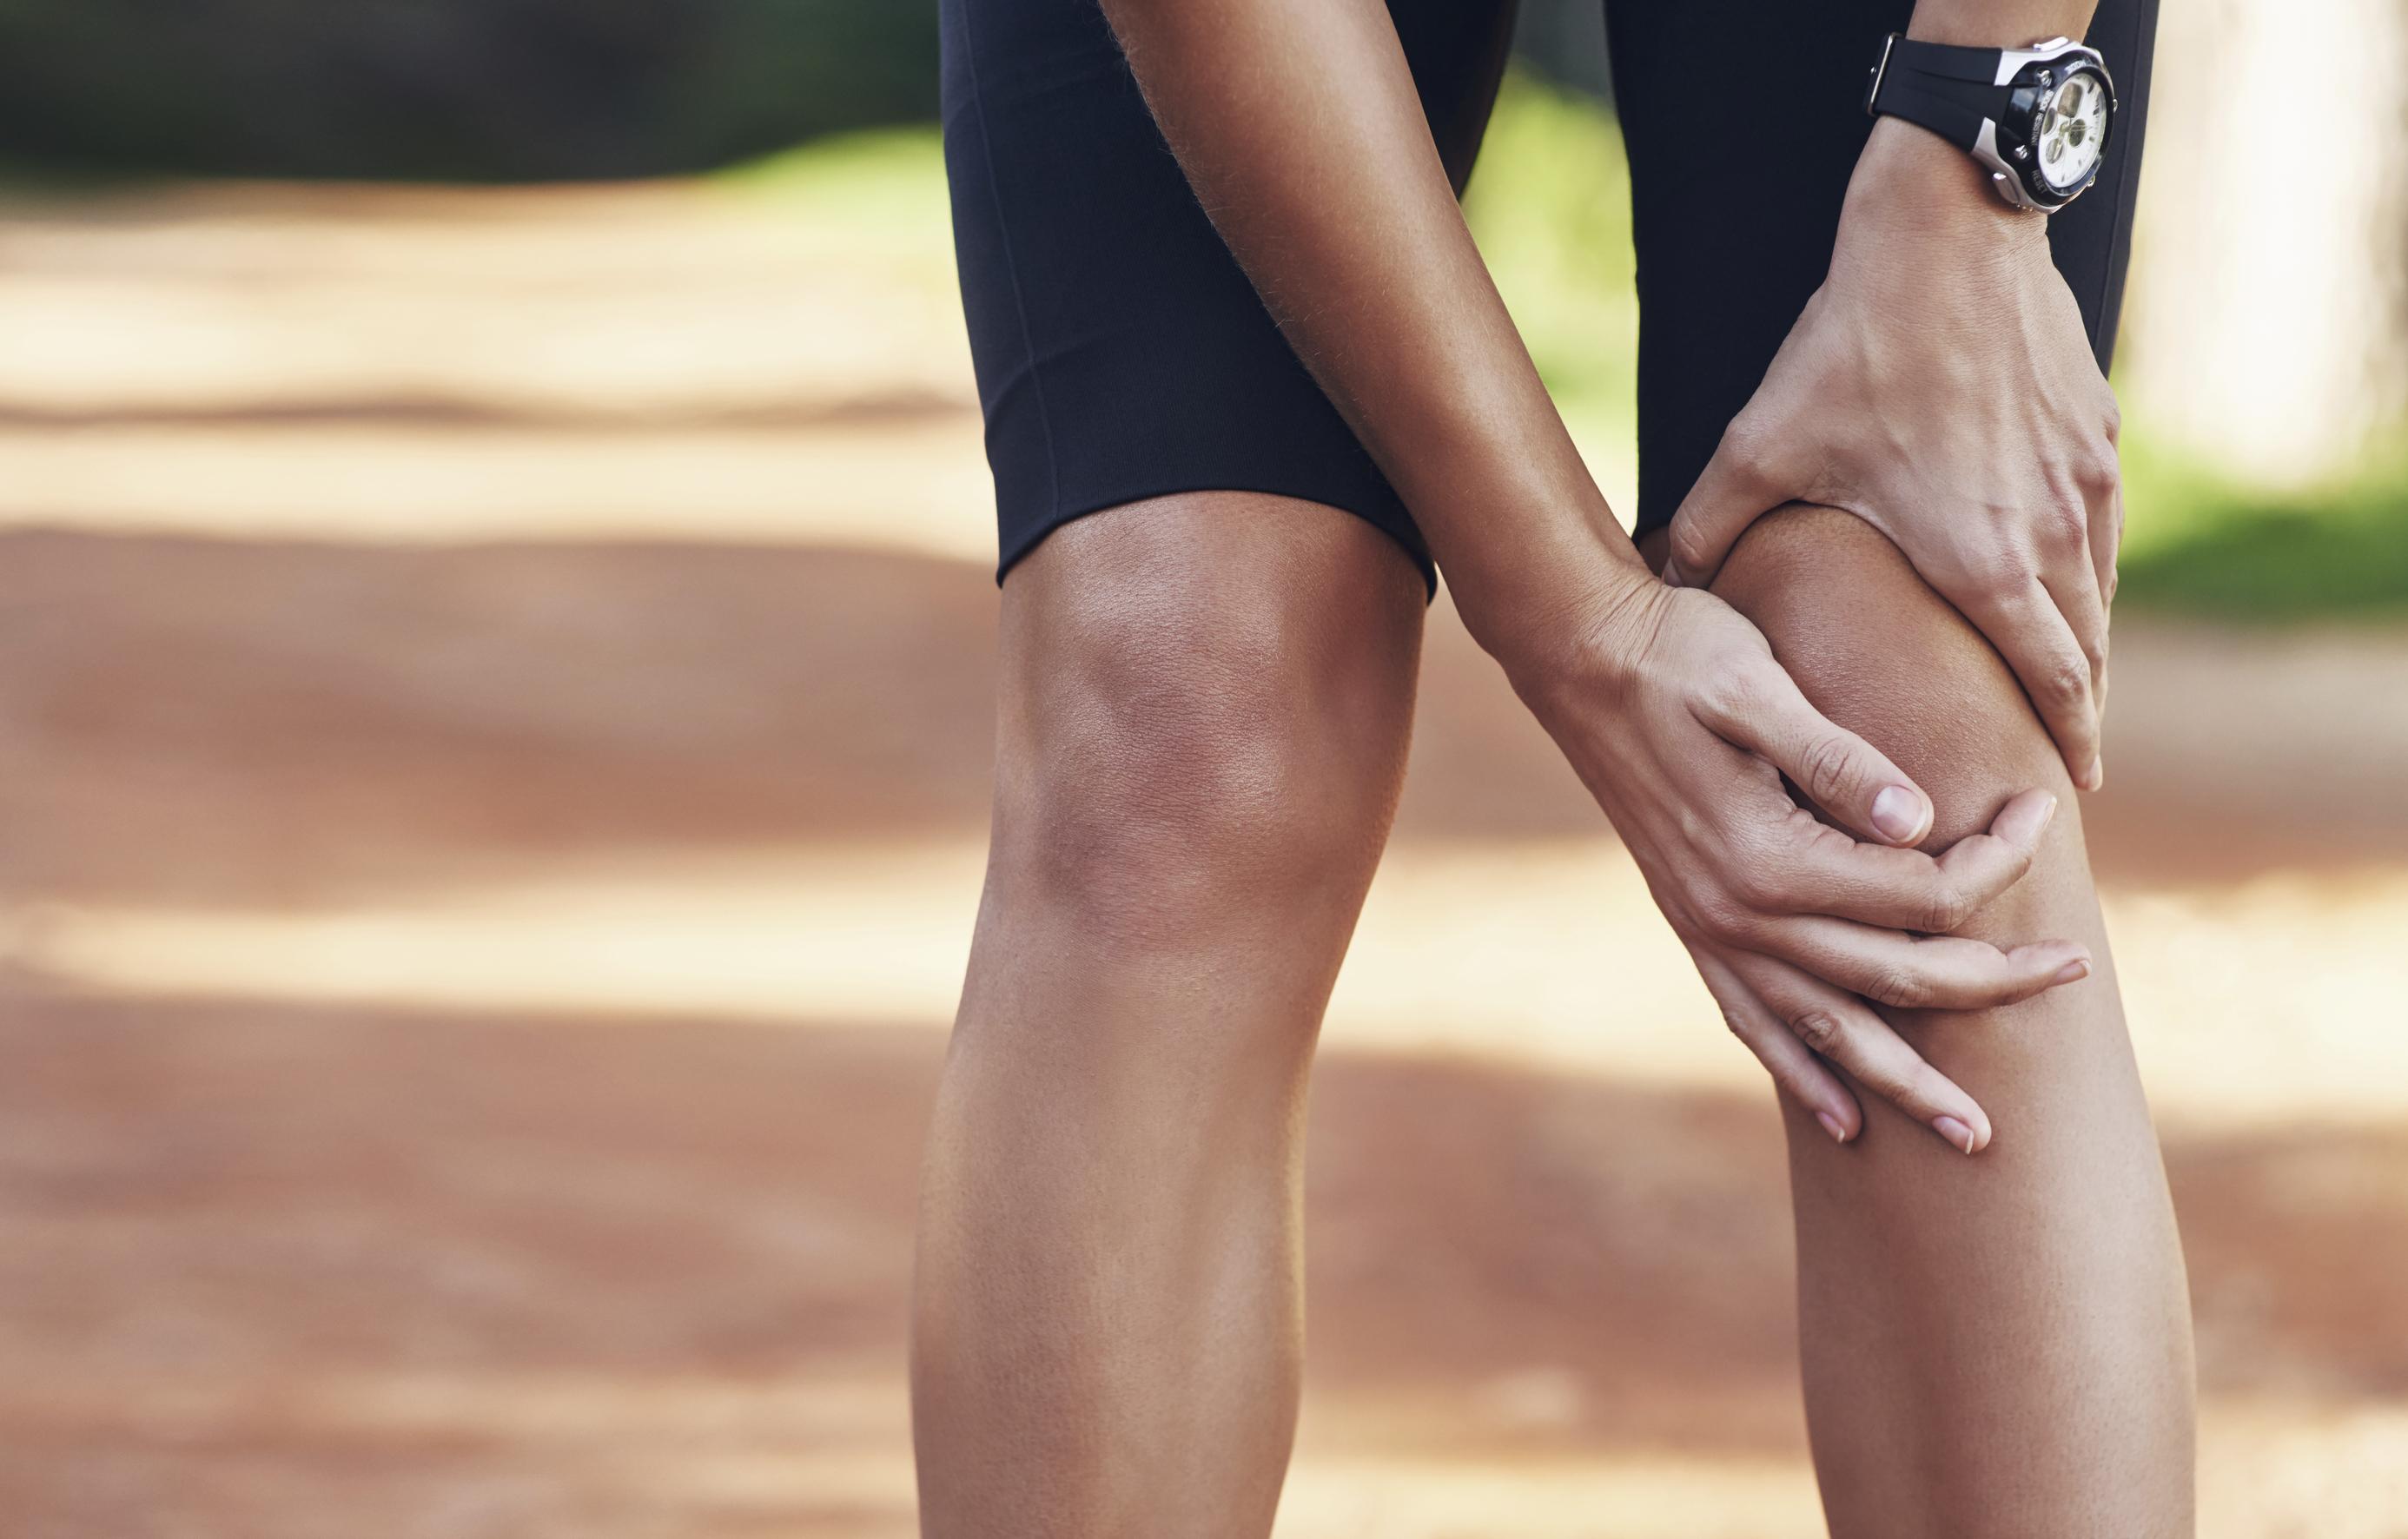 Saiba como evitar lesão no joelho. (Foto: Istock)